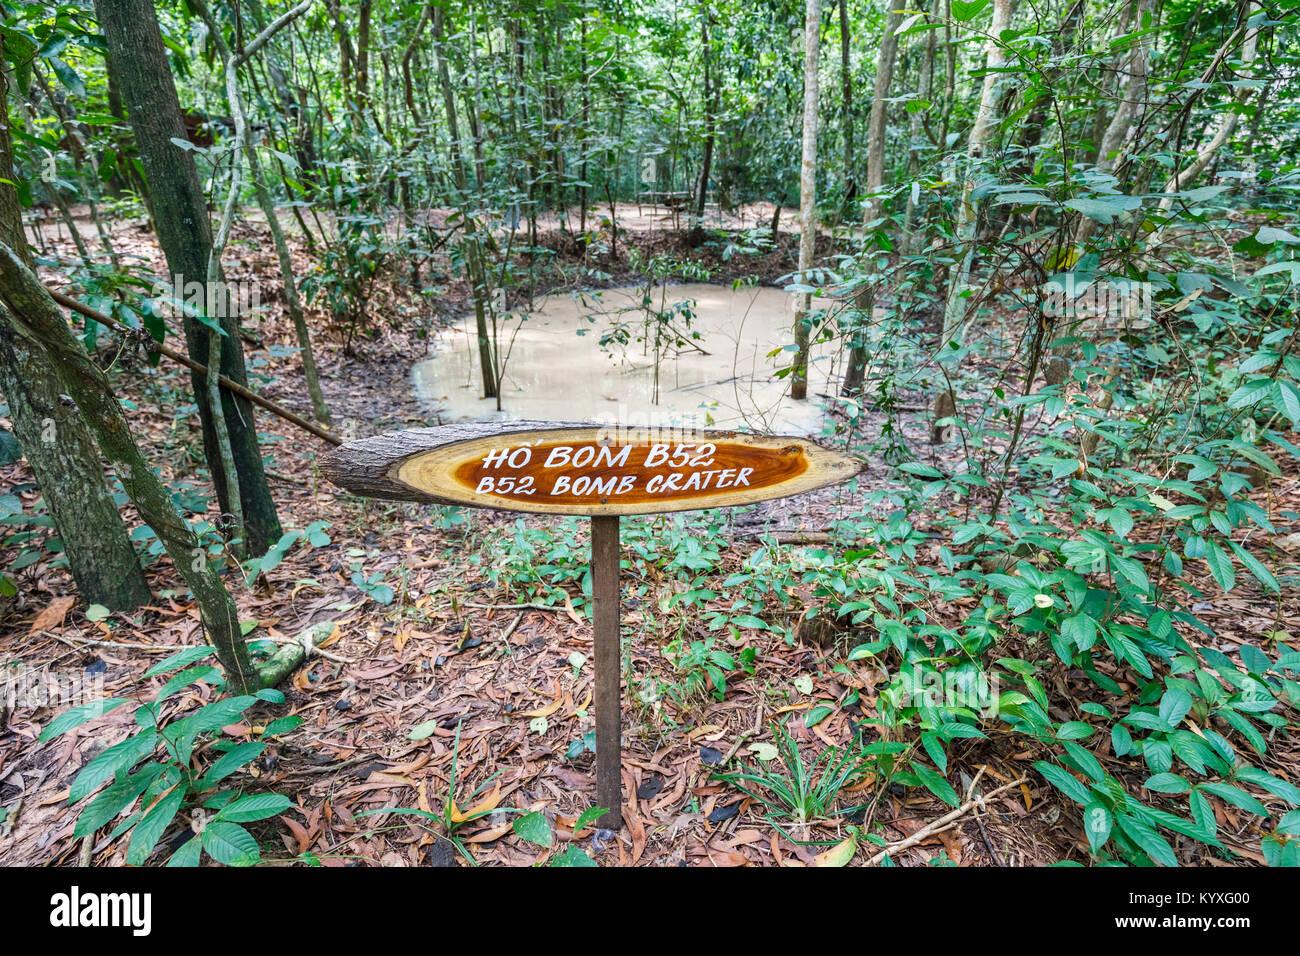 B52 cratère de bombe à l'emblématique, réseau de tunnels de Cu Chi Tunnels Vietcongs cachés, une attraction touristique de premier plan, Saigon (Ho Chi Minh Ville), le sud Vietnam Banque D'Images